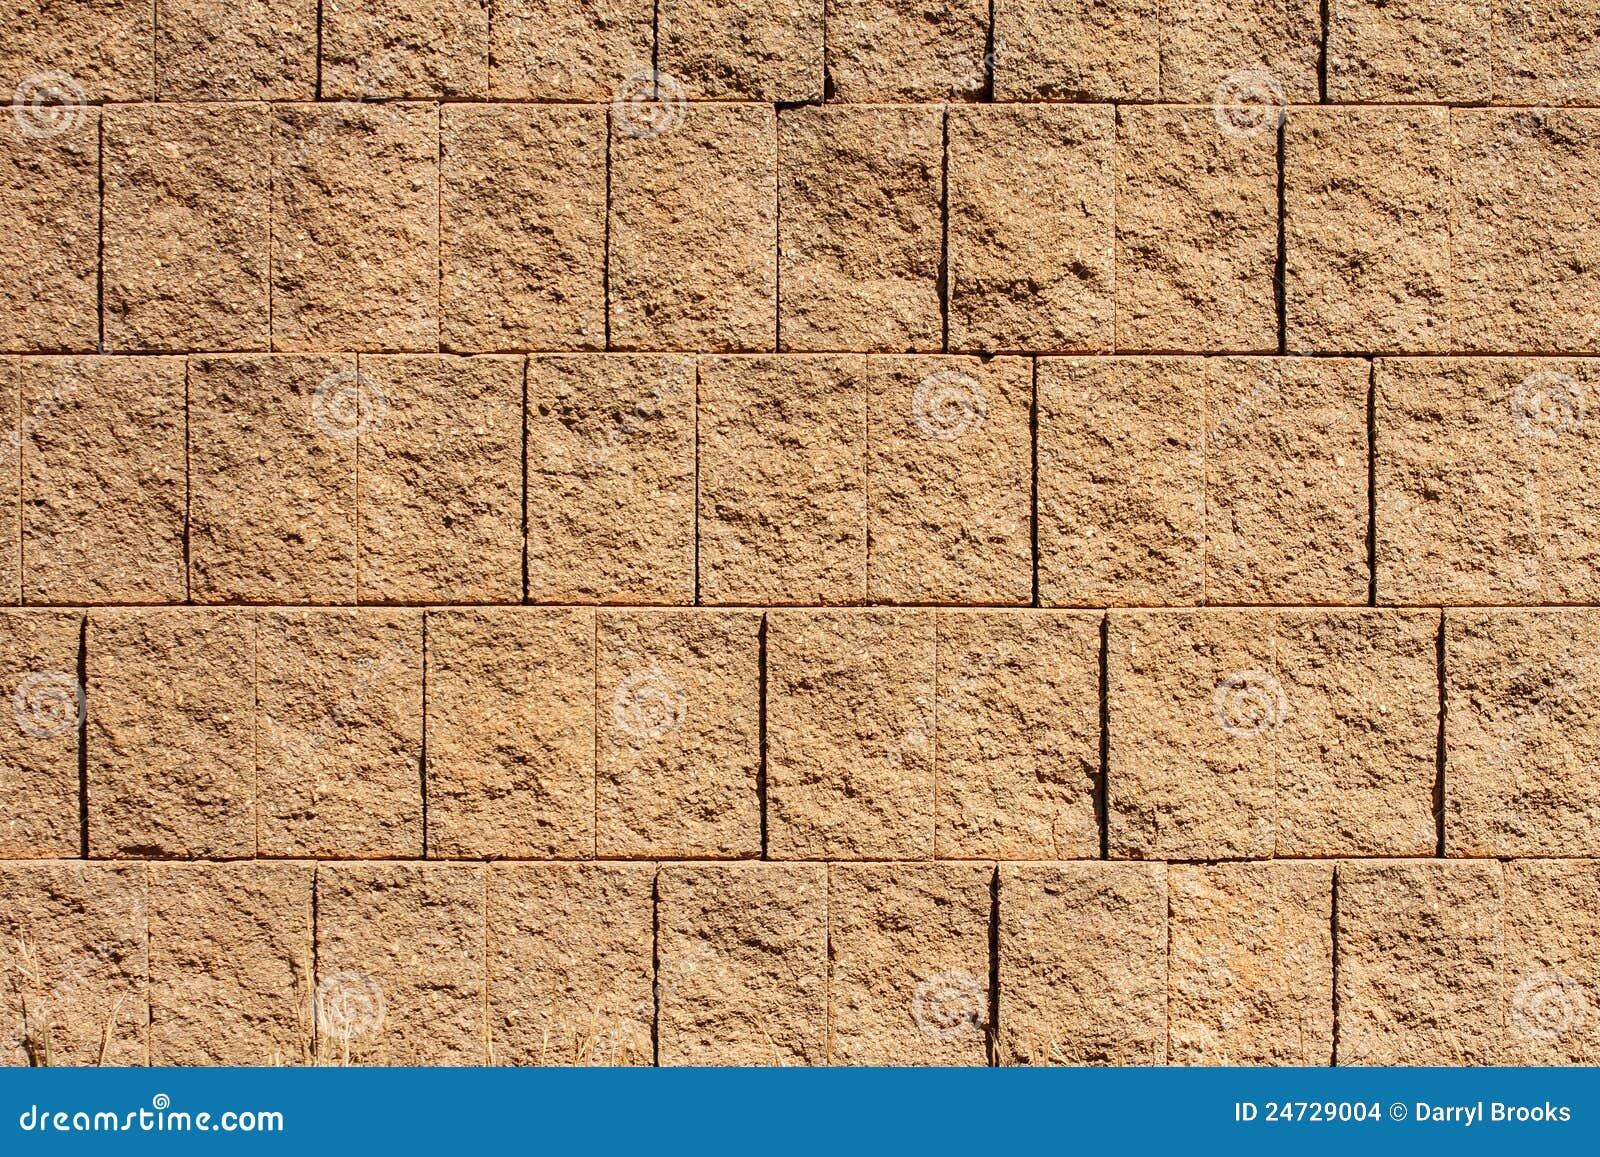 Pared del bloque de brown para los fondos o las texturas imagenes de archivo imagen 24729004 - Textura pared ...